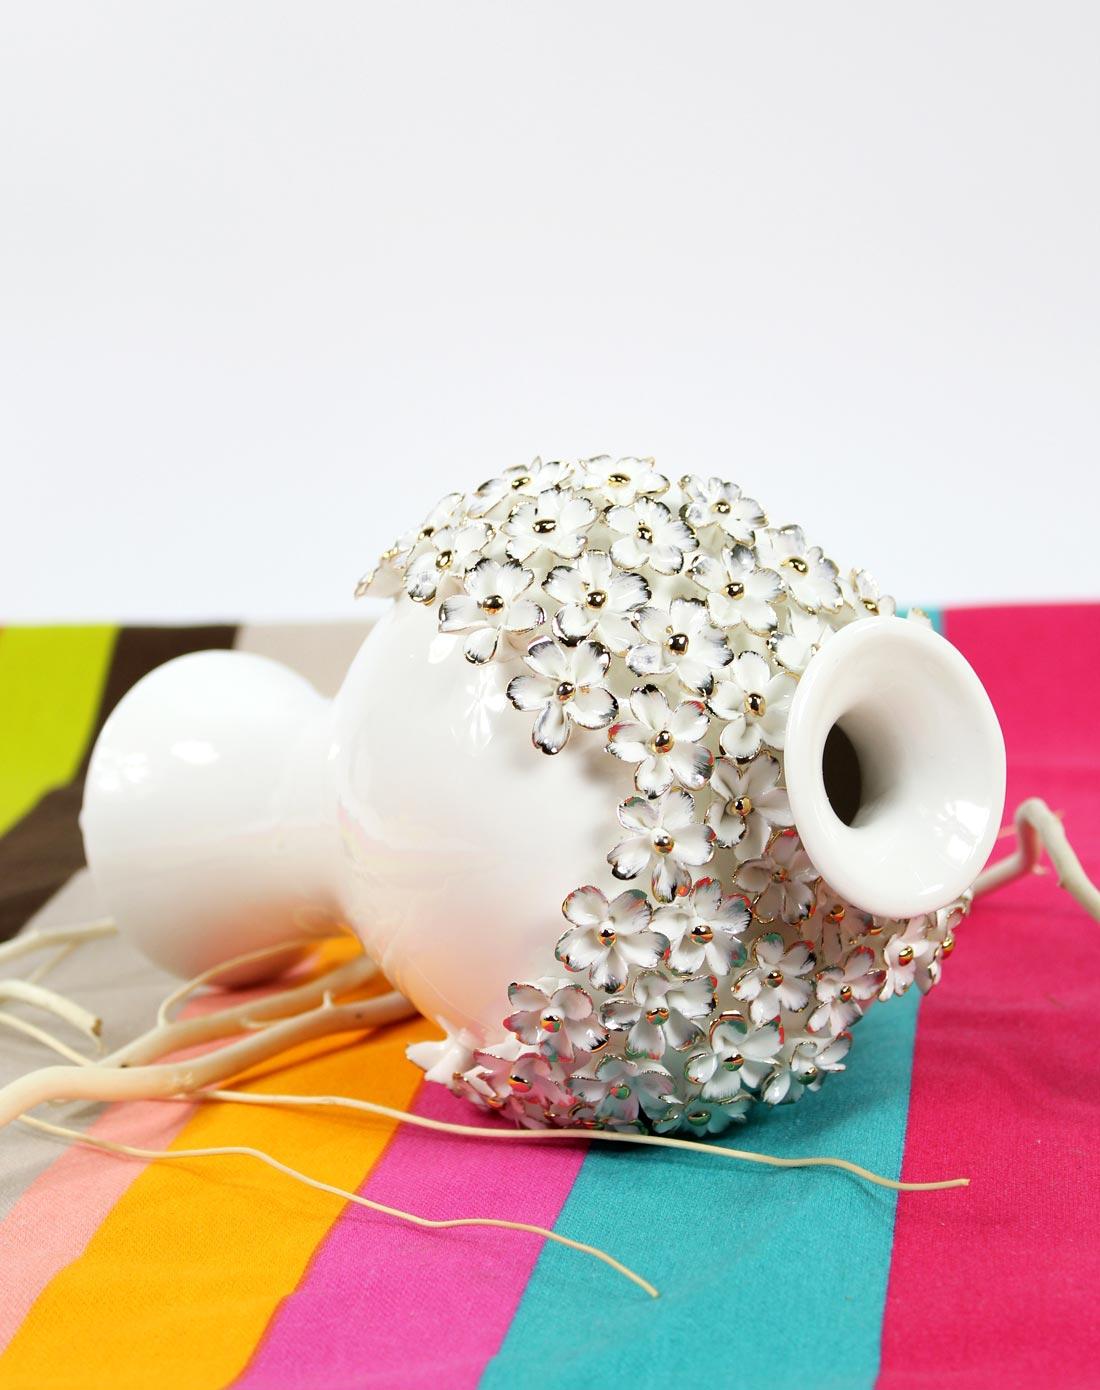 精致陶瓷手工粘花花瓶摆件bj046-b